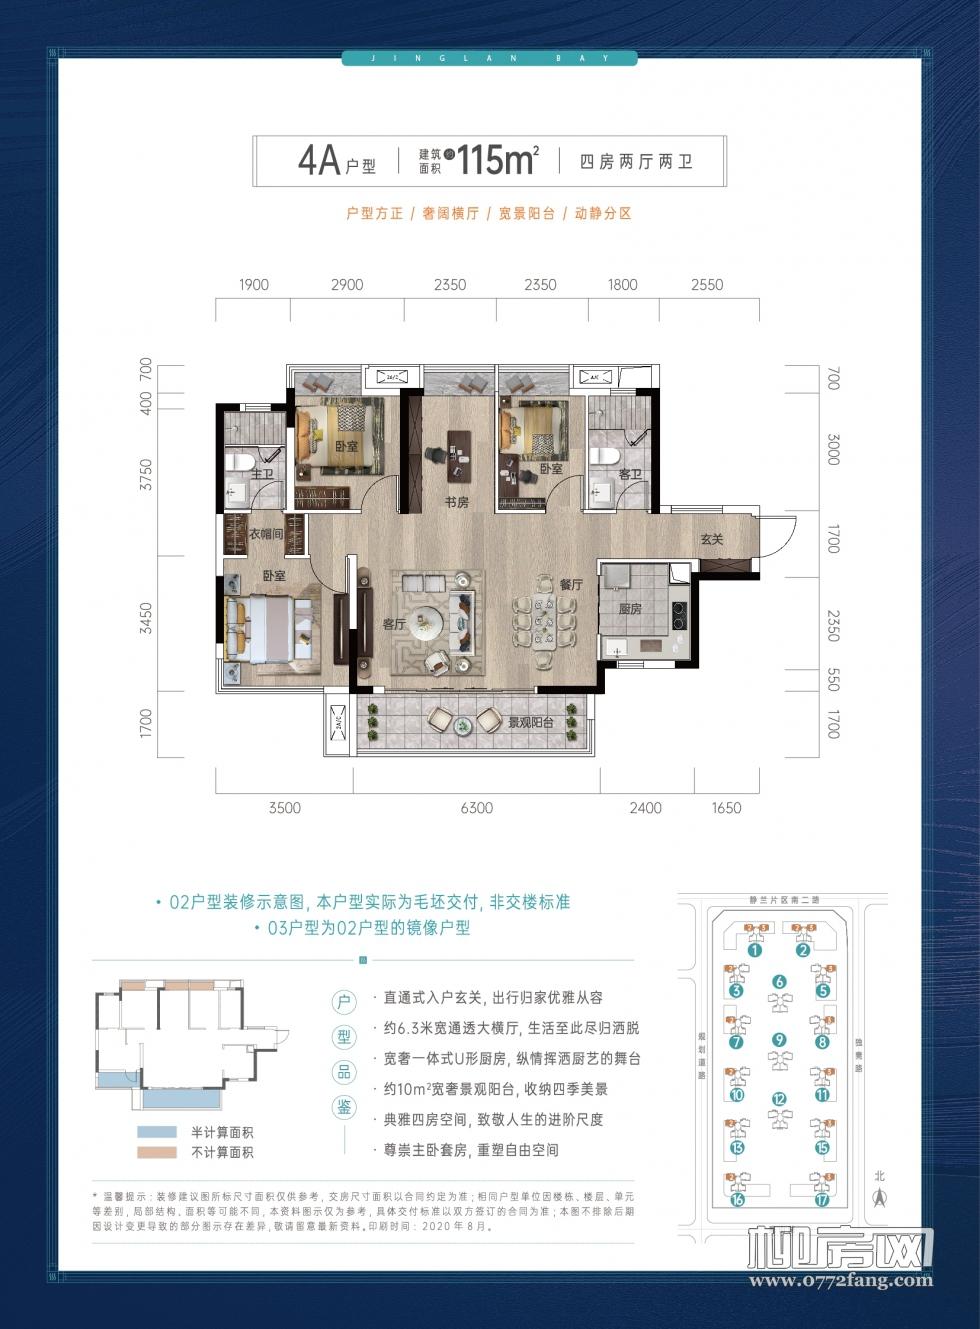 熙悦山4A 115四房.jpg